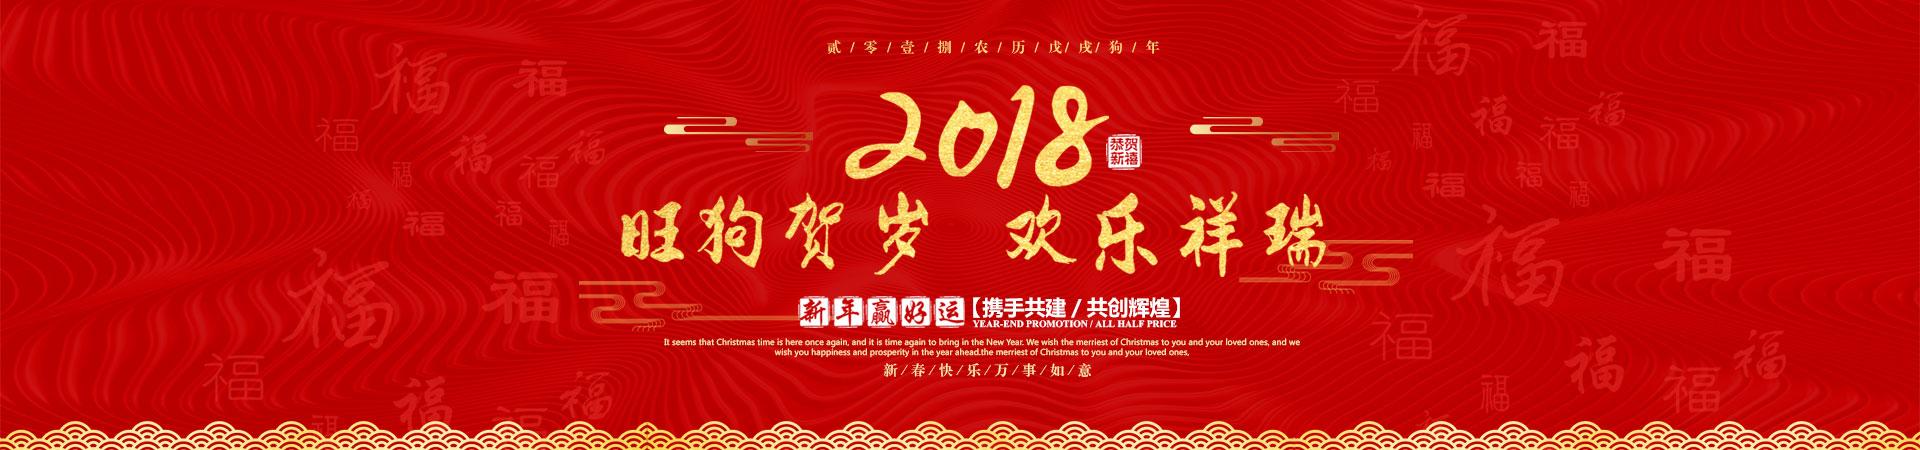 山东大宇网络祝愿大家新年快乐